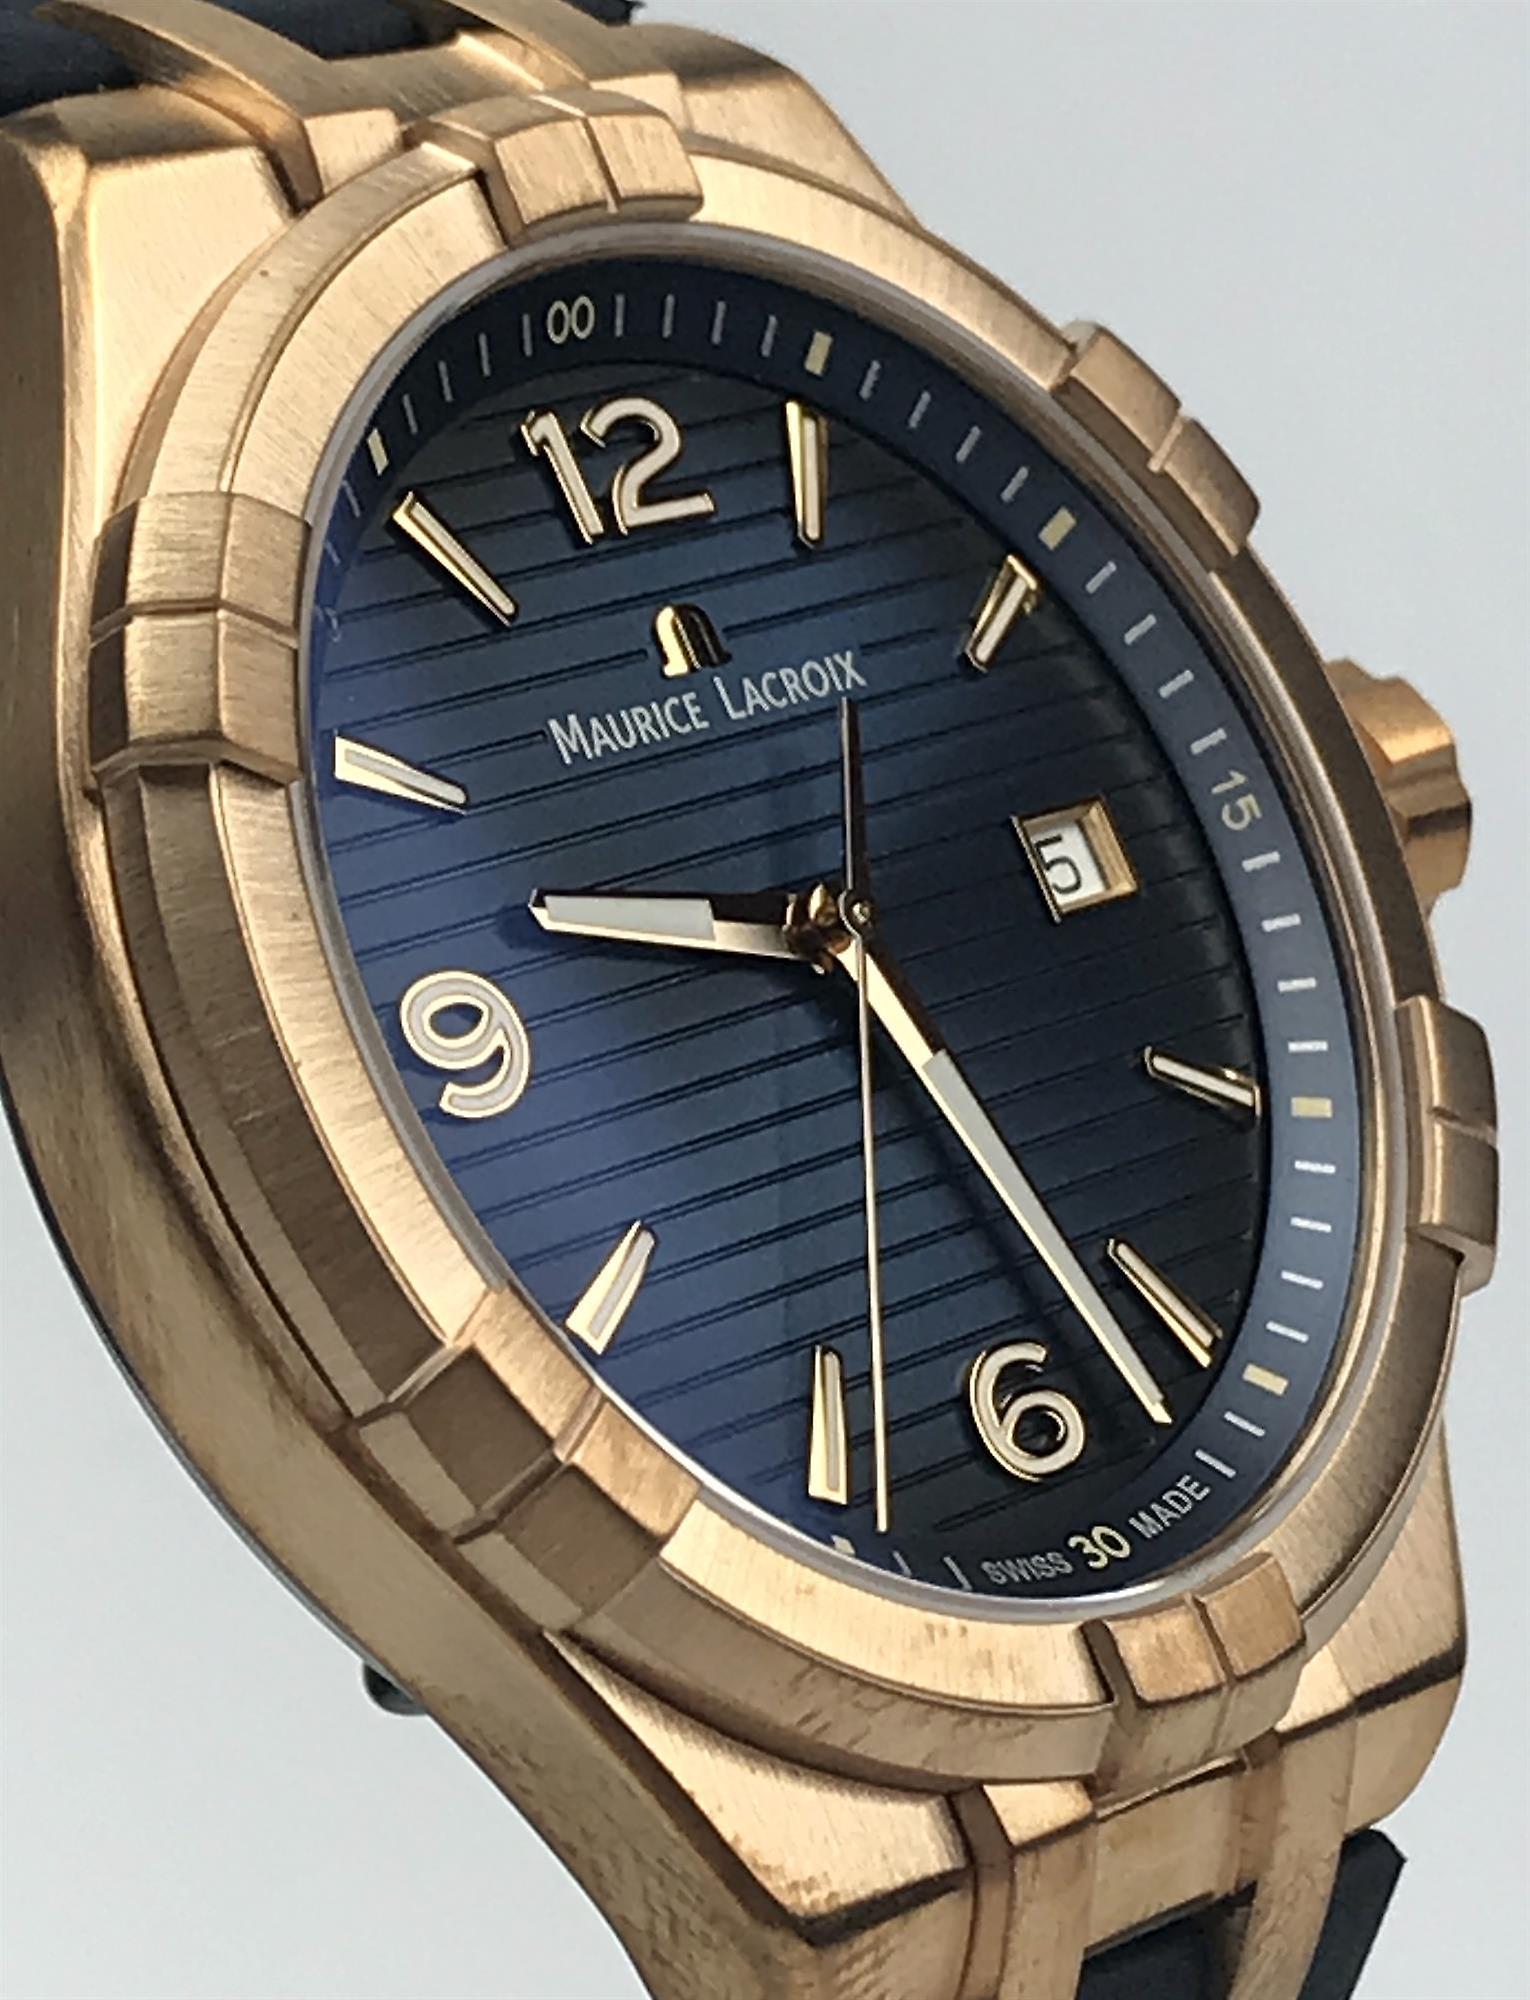 Maurice Lacroix Aikon Bronze Limited Edition Blue Leather Strap Men's Watch AI1028-BRZ01-420-1